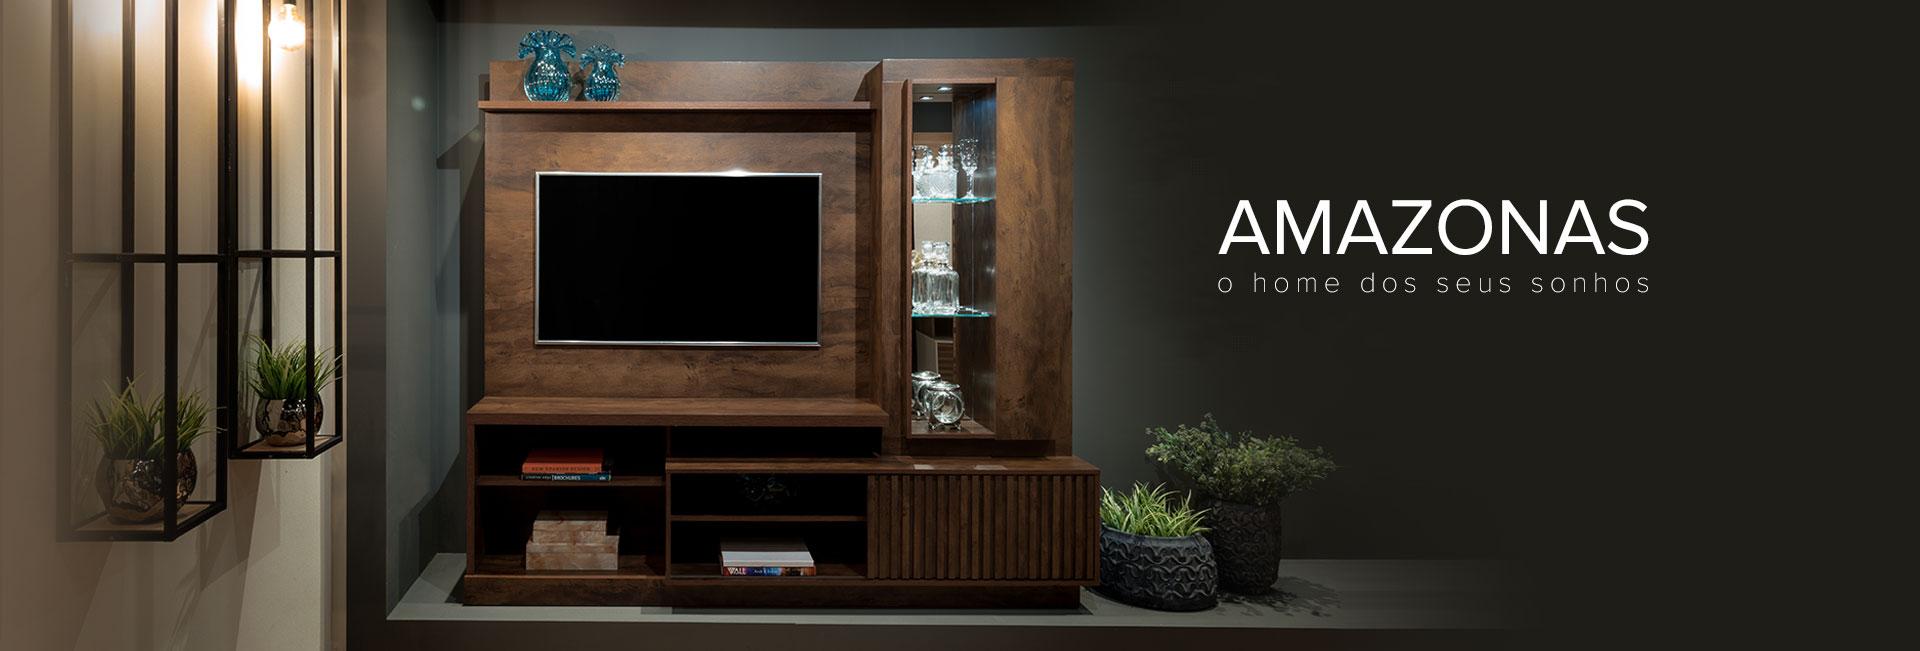 Home para TV Amazonas